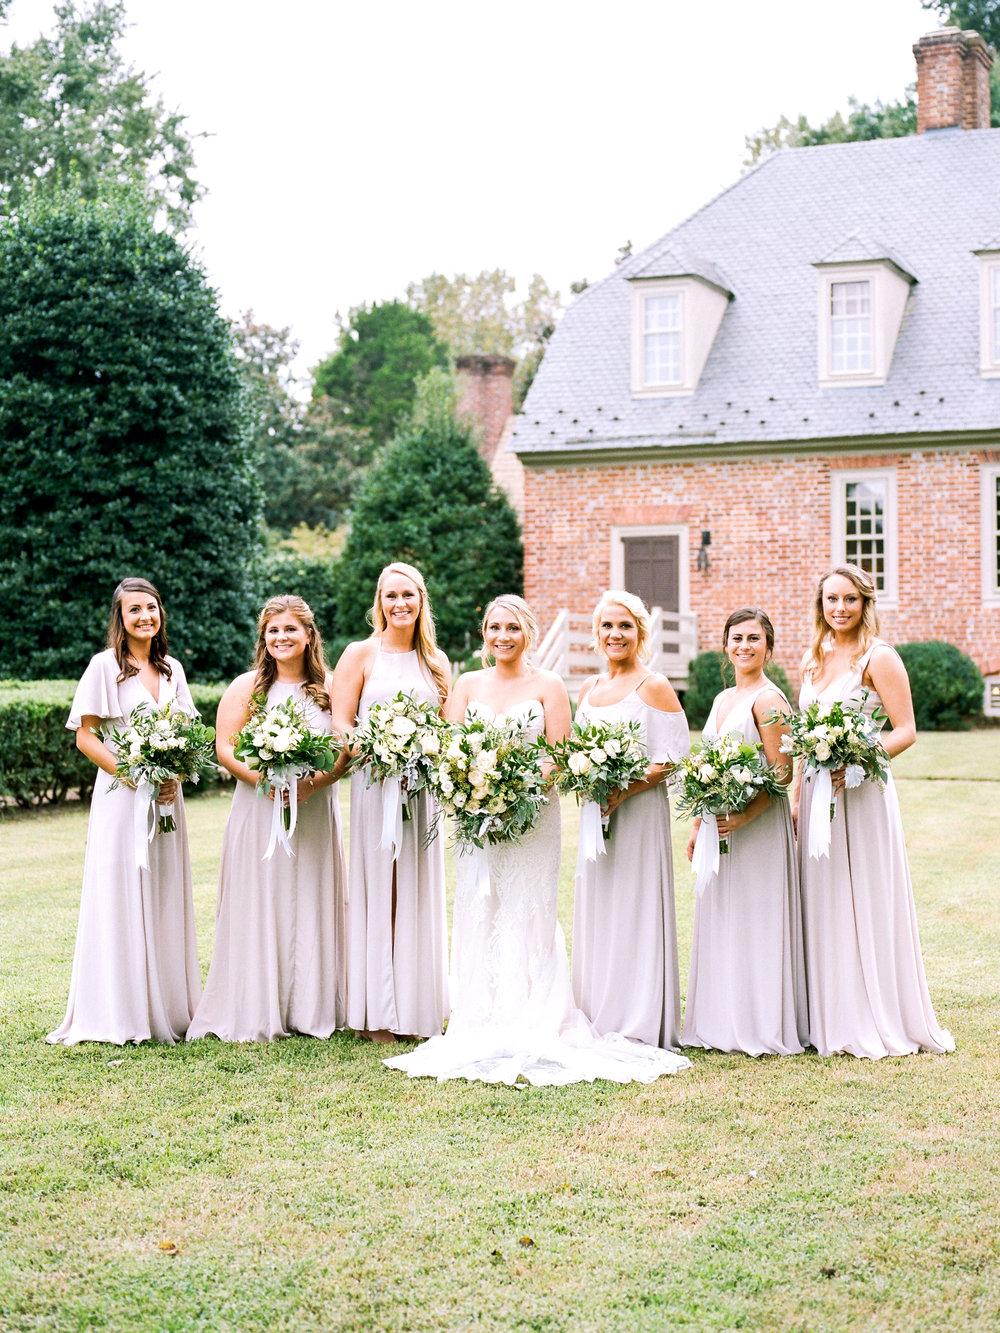 MeganMichael_WeddingParty_AmyNicolePhotography044.jpg